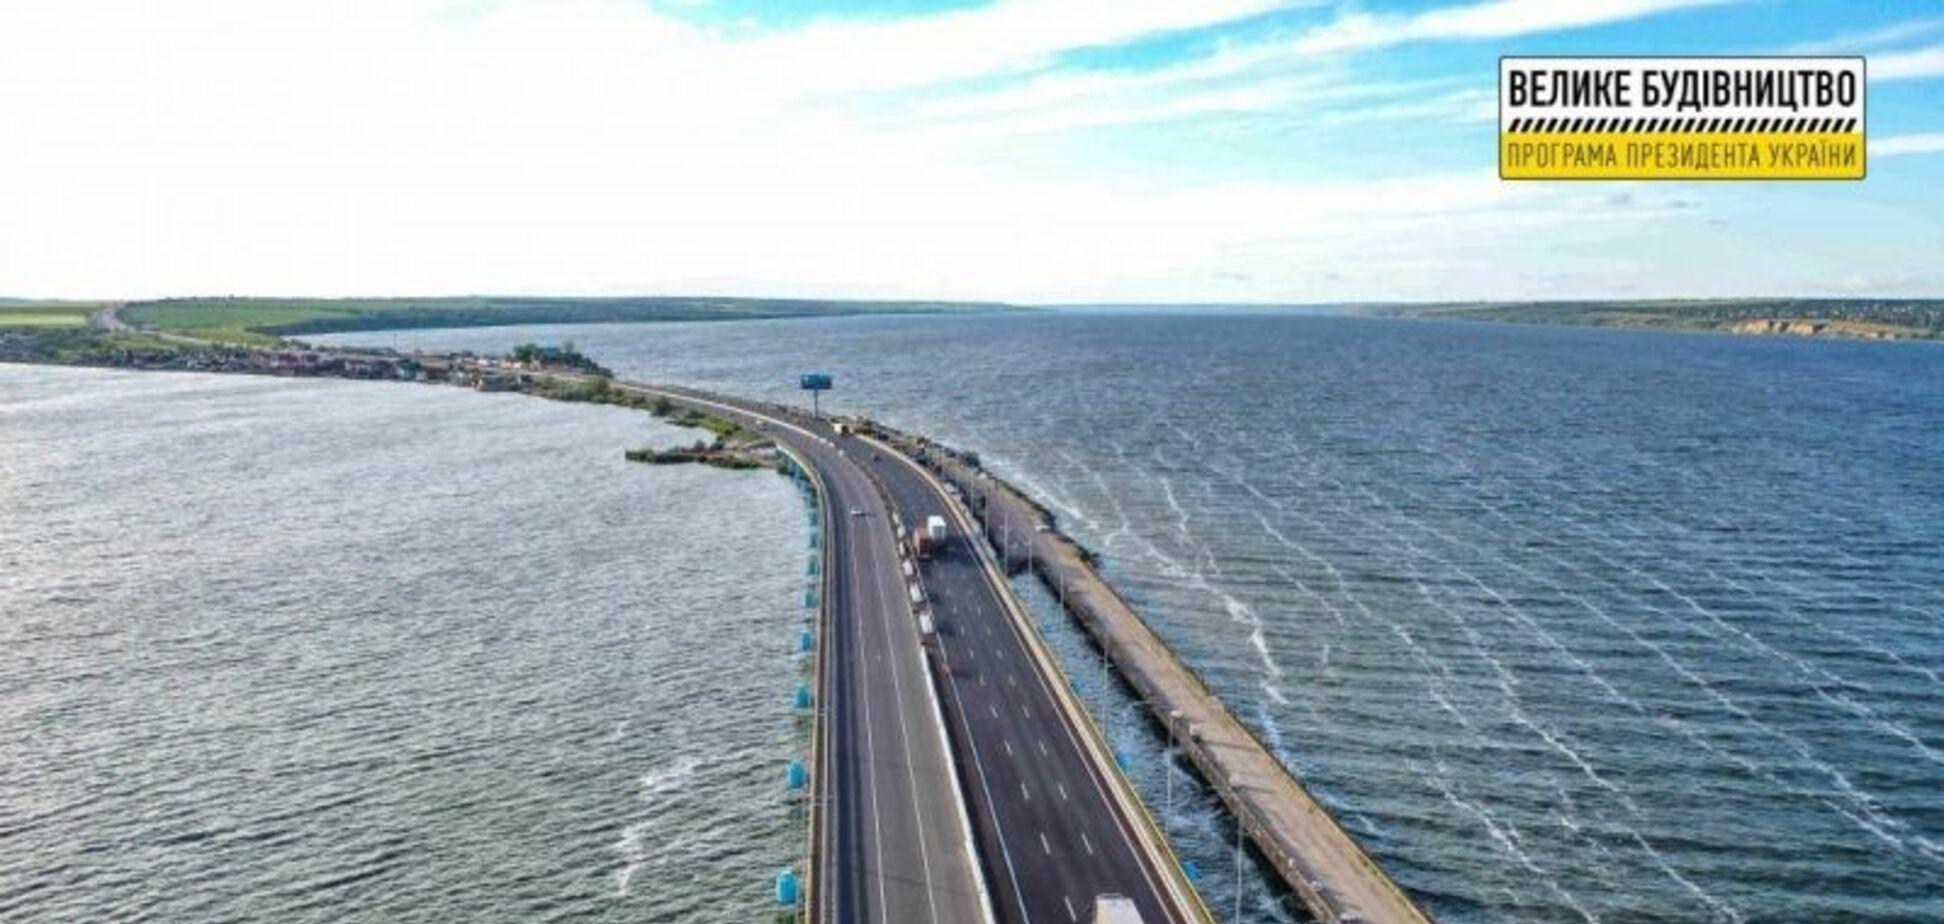 Программа Зеленского за 16 месяцев спасла от разрушений 300 мостов